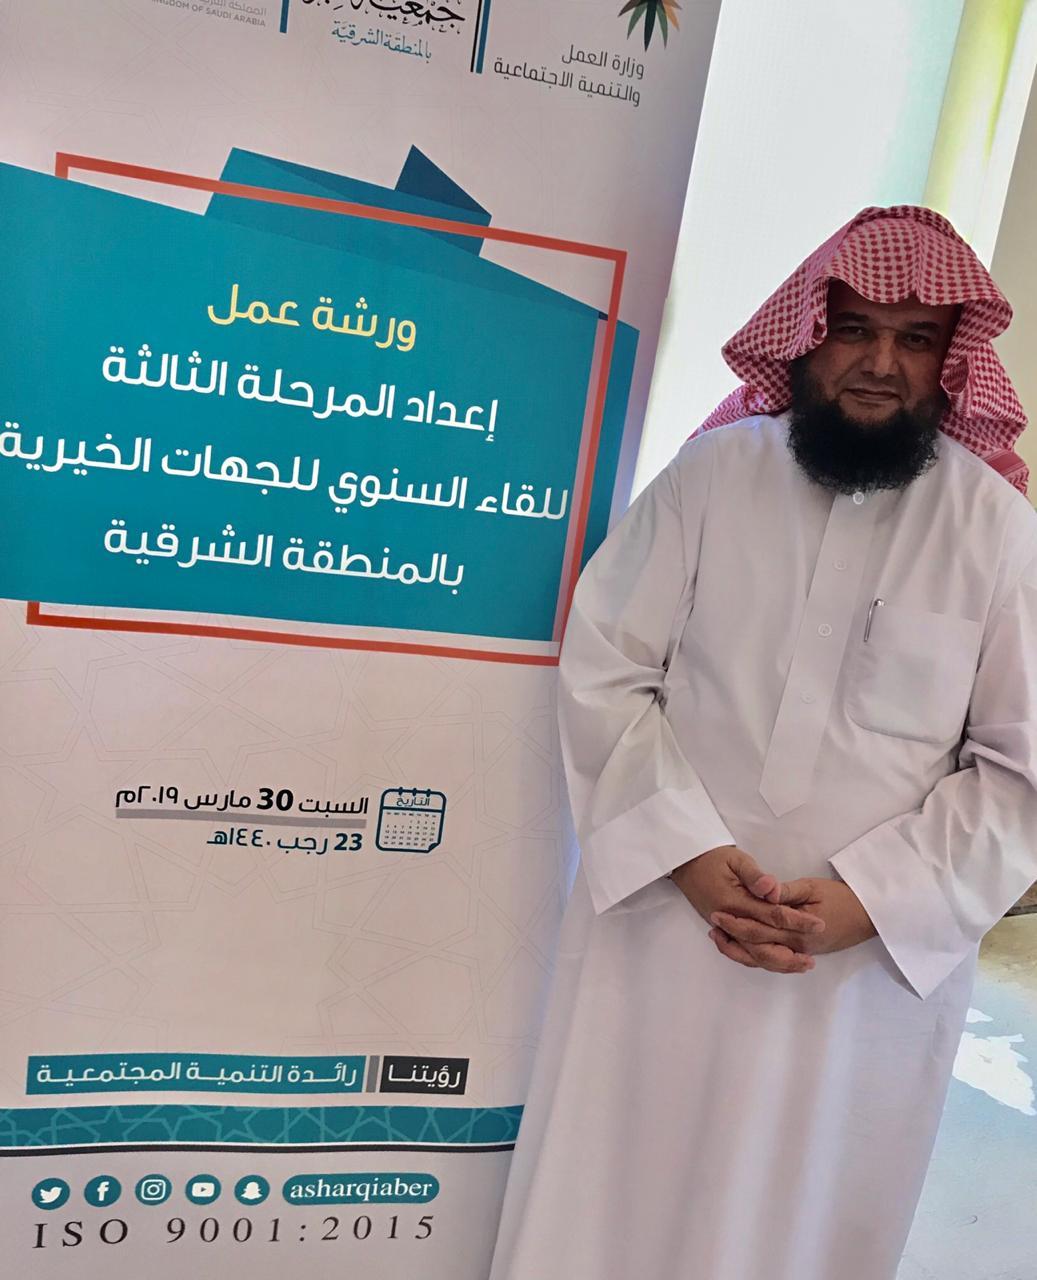 الجمعية تشارك في ورشة العمل لإعداد المرحلة الثالثة للقاء السنوي للجهات الخيرية